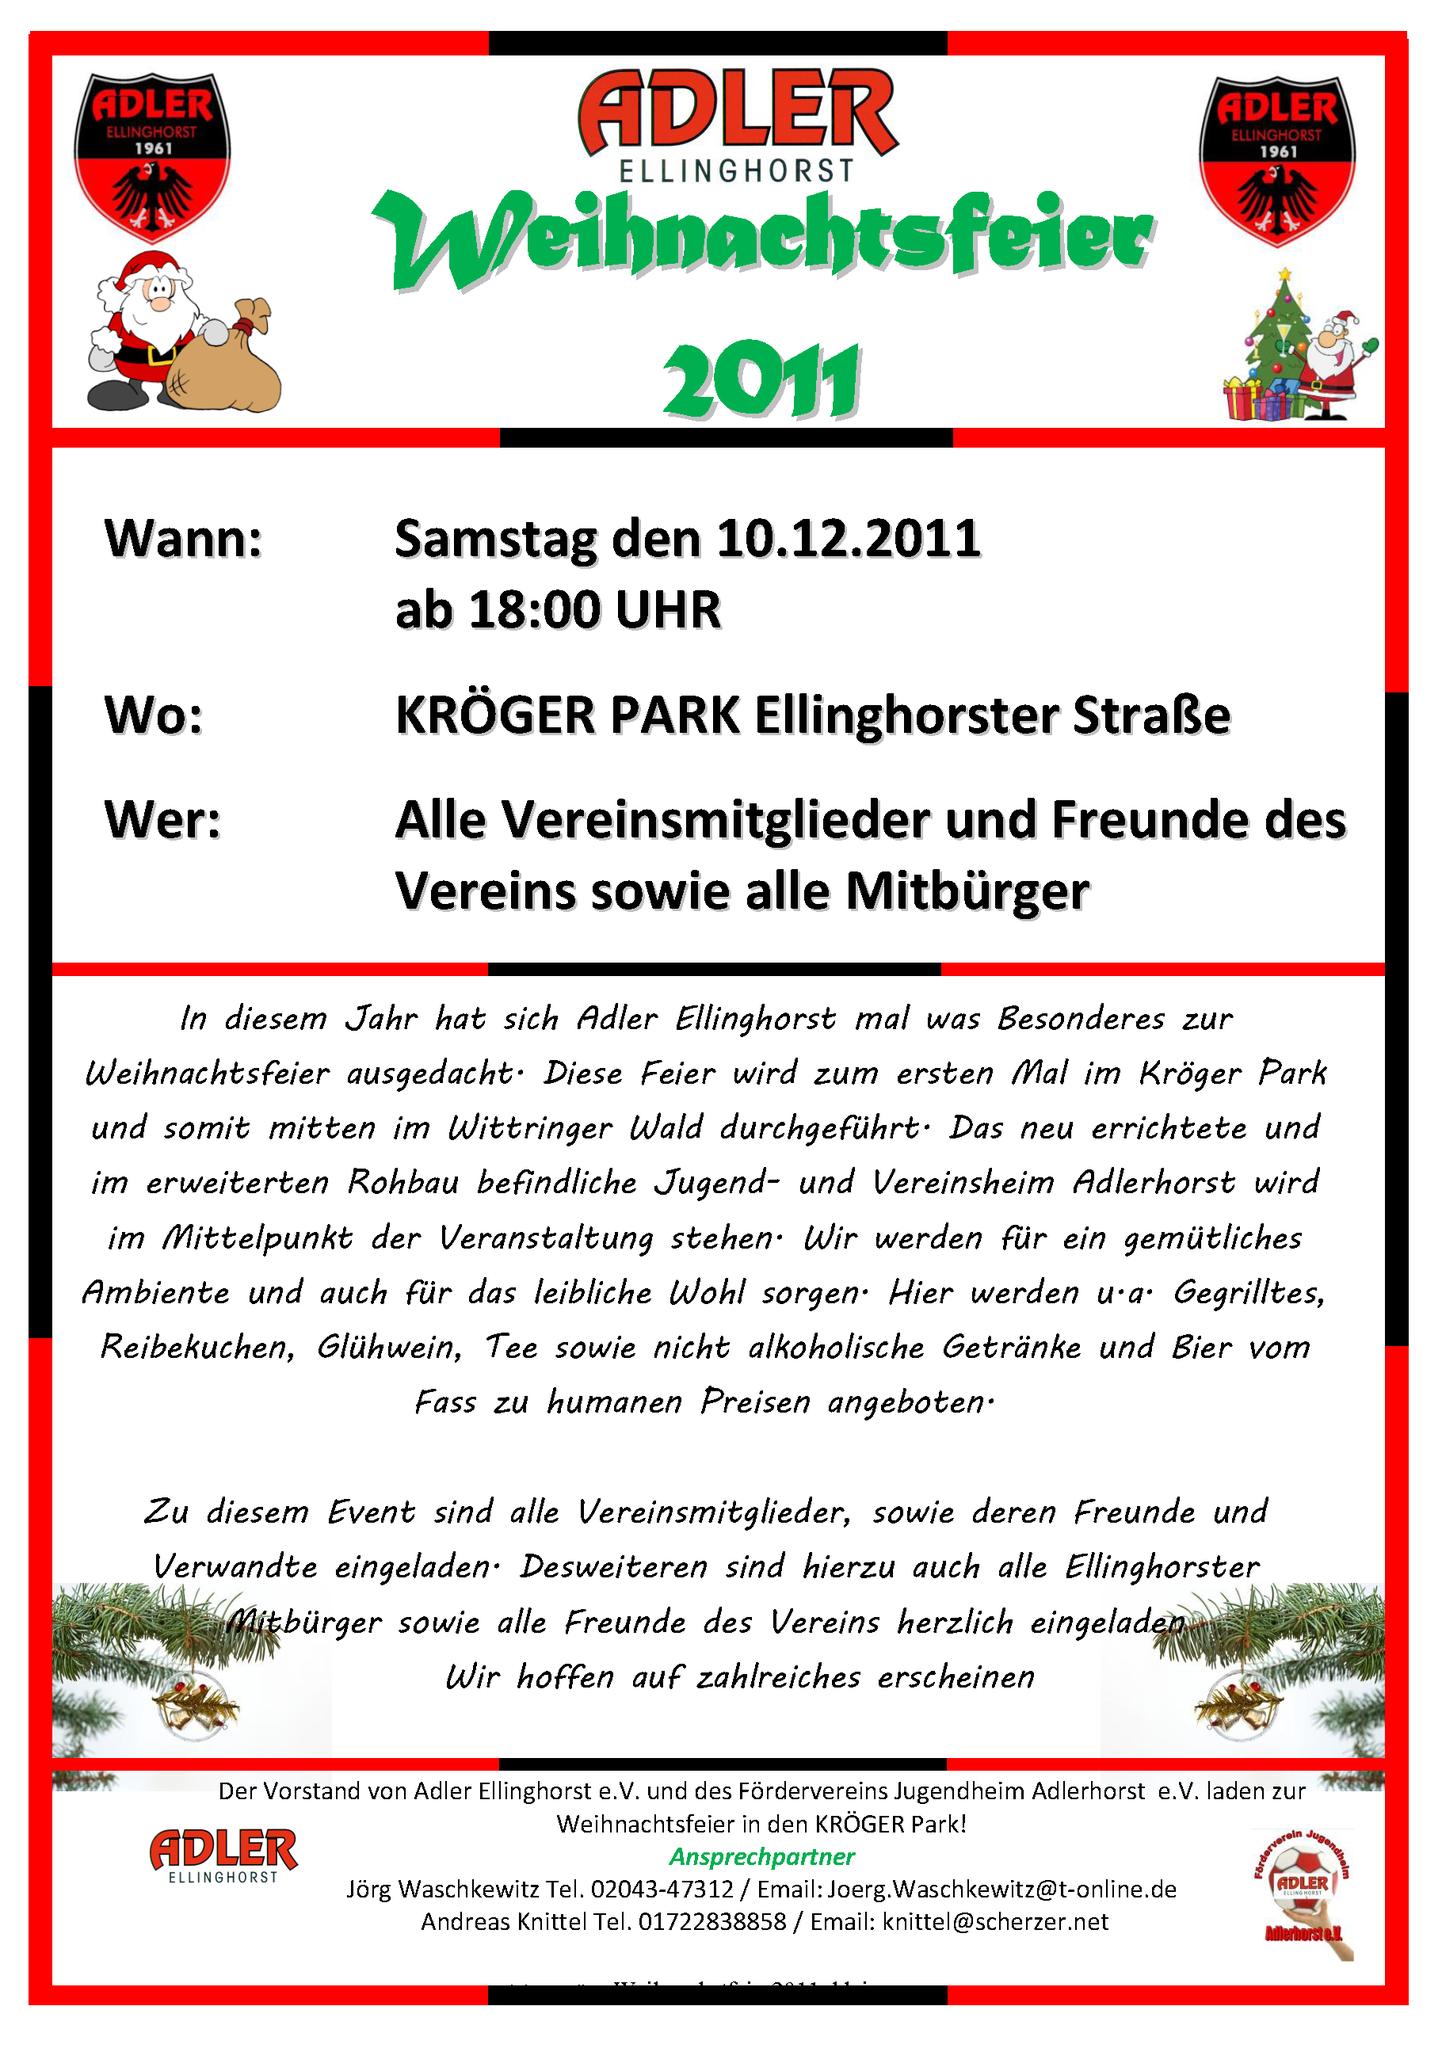 Weihnachtsfeier Im Kröger Park